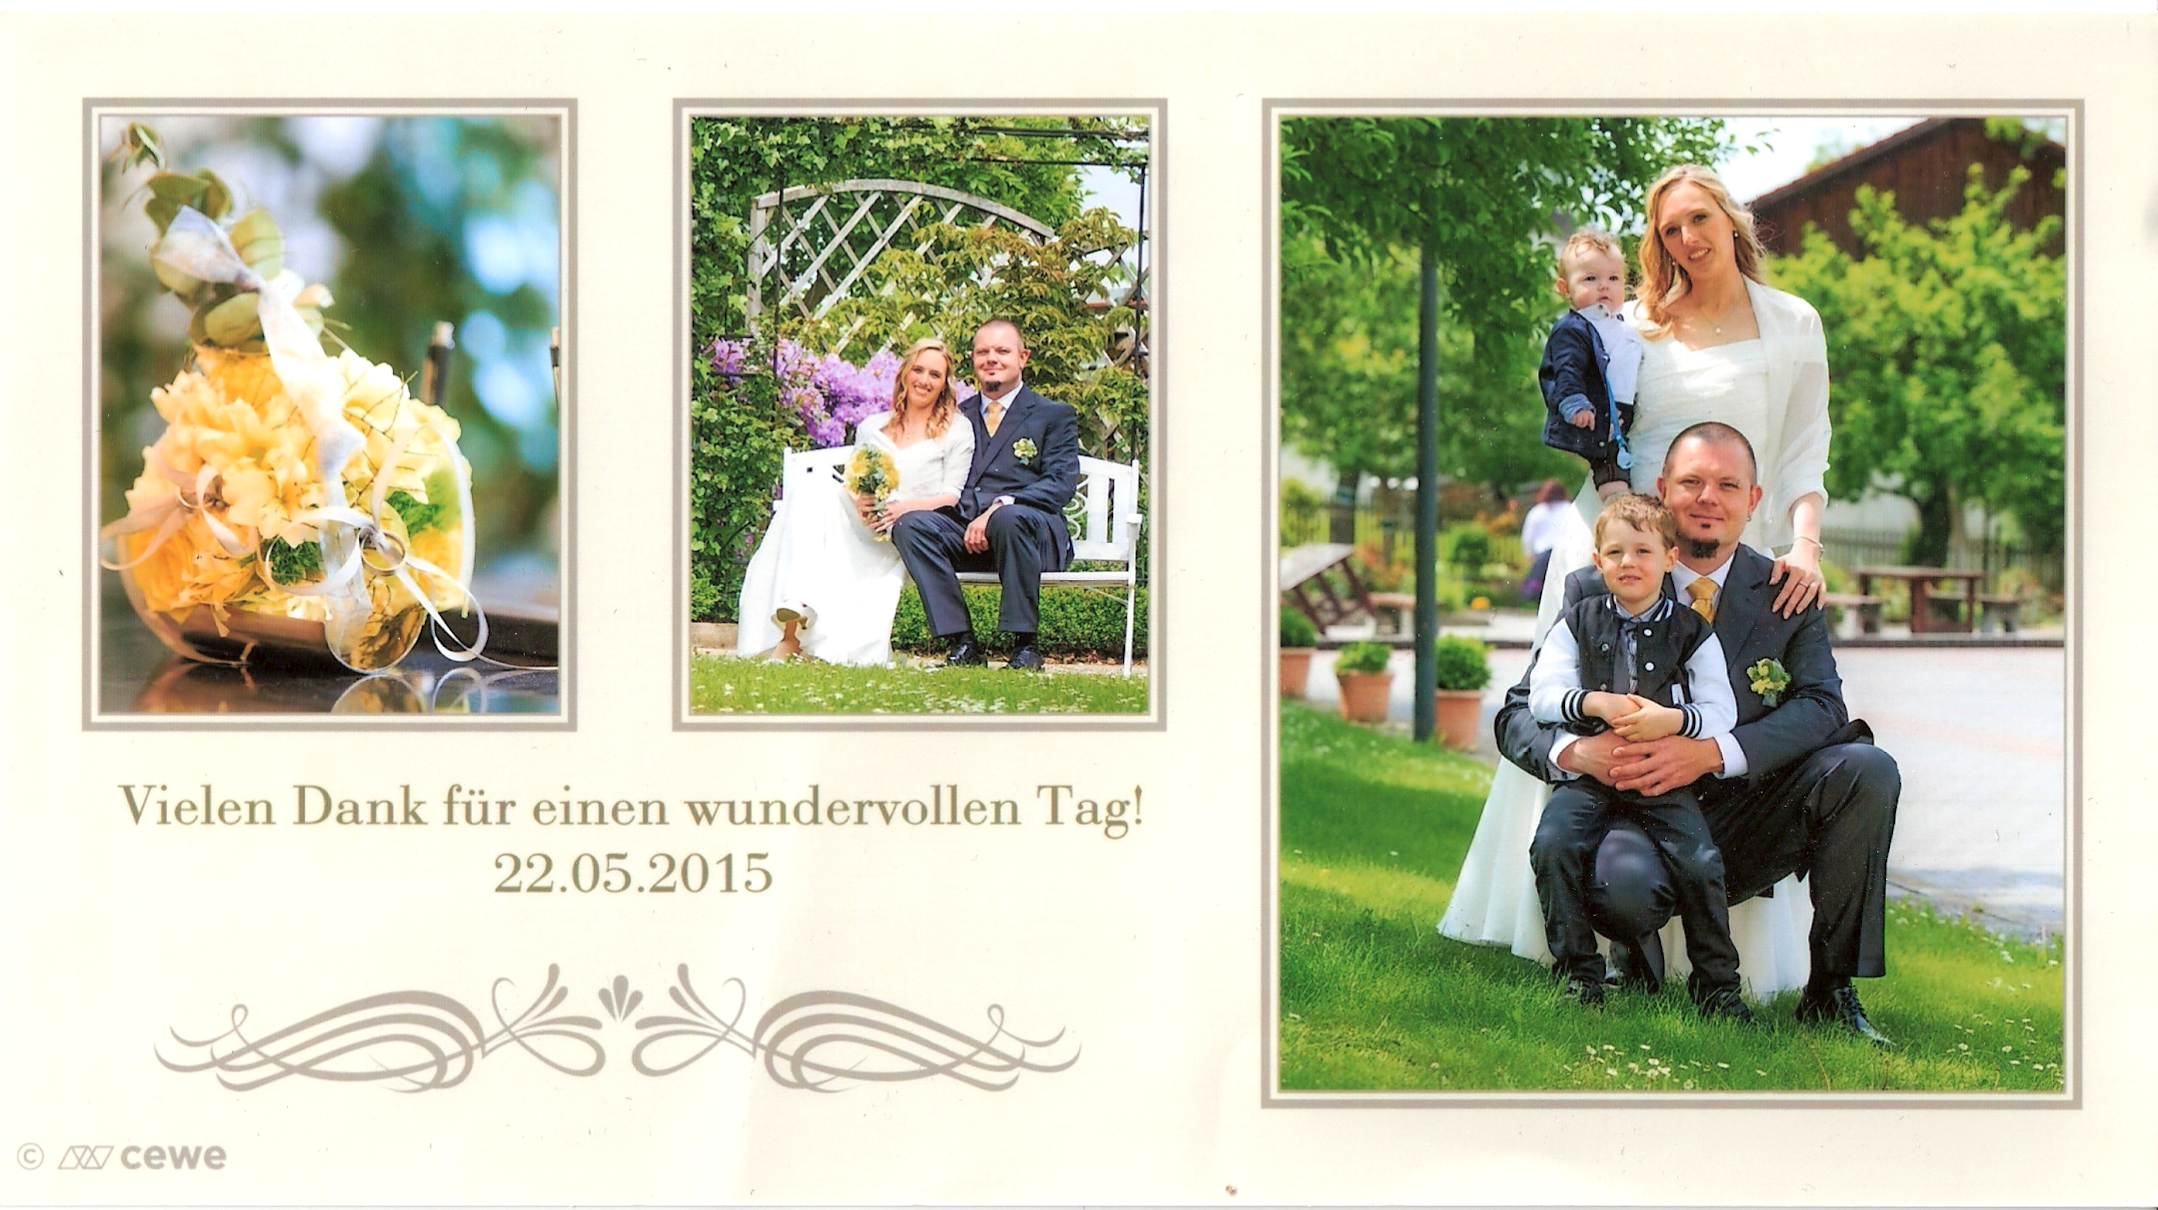 Sexyfive Die Partyband Und Hochzeitsband Aus Bayern Munchen Eine